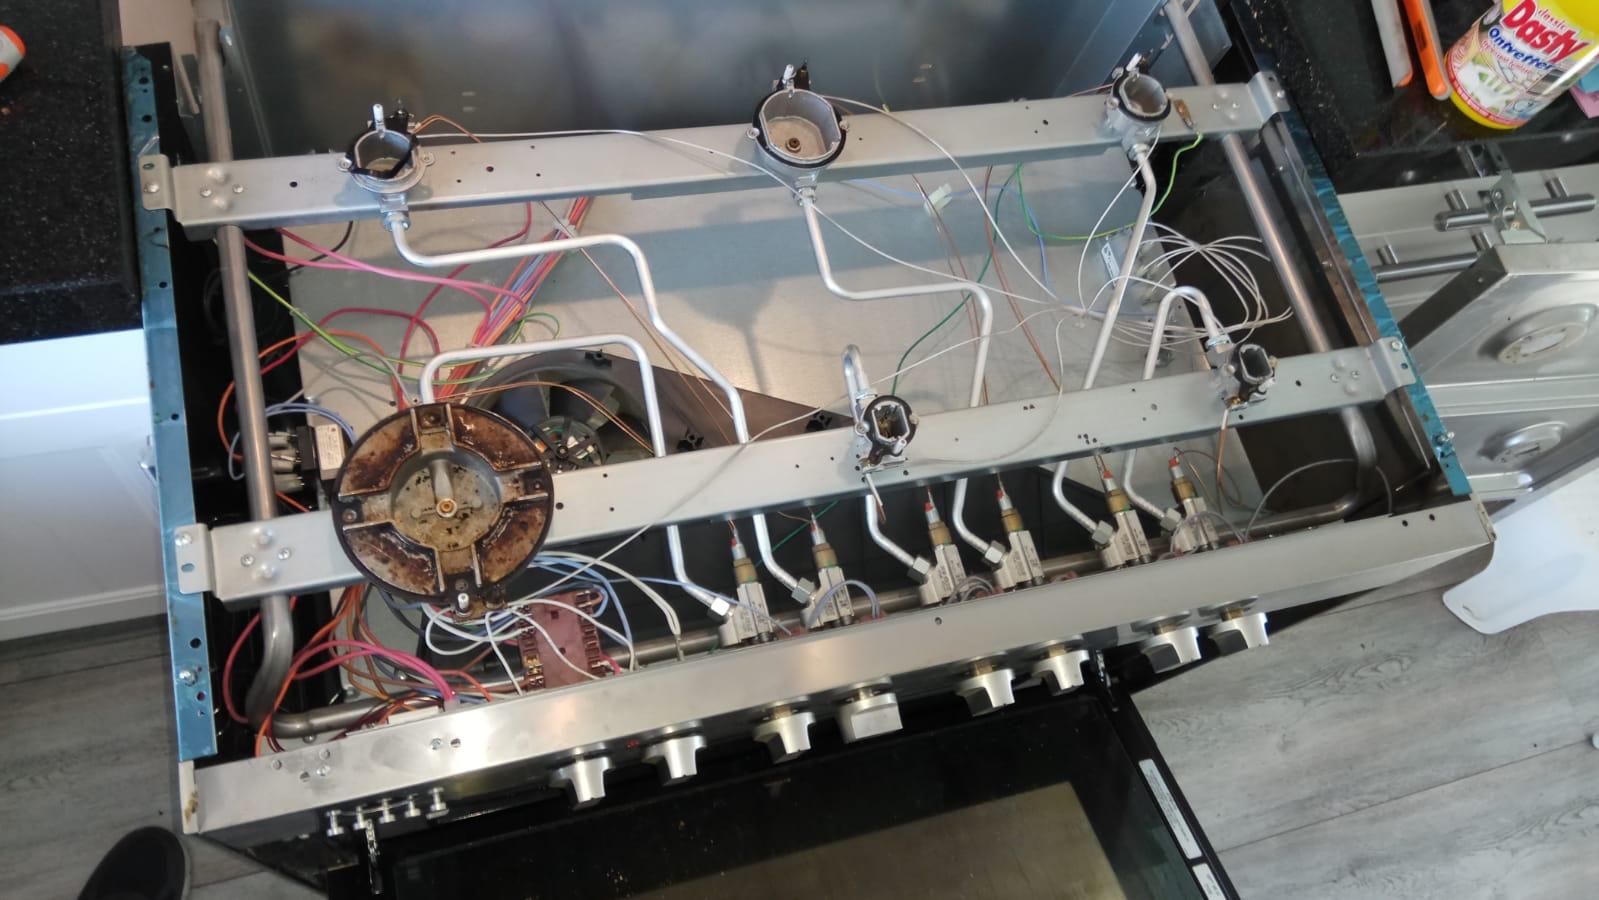 De oven waarvan de bovenplaat is verwijderd